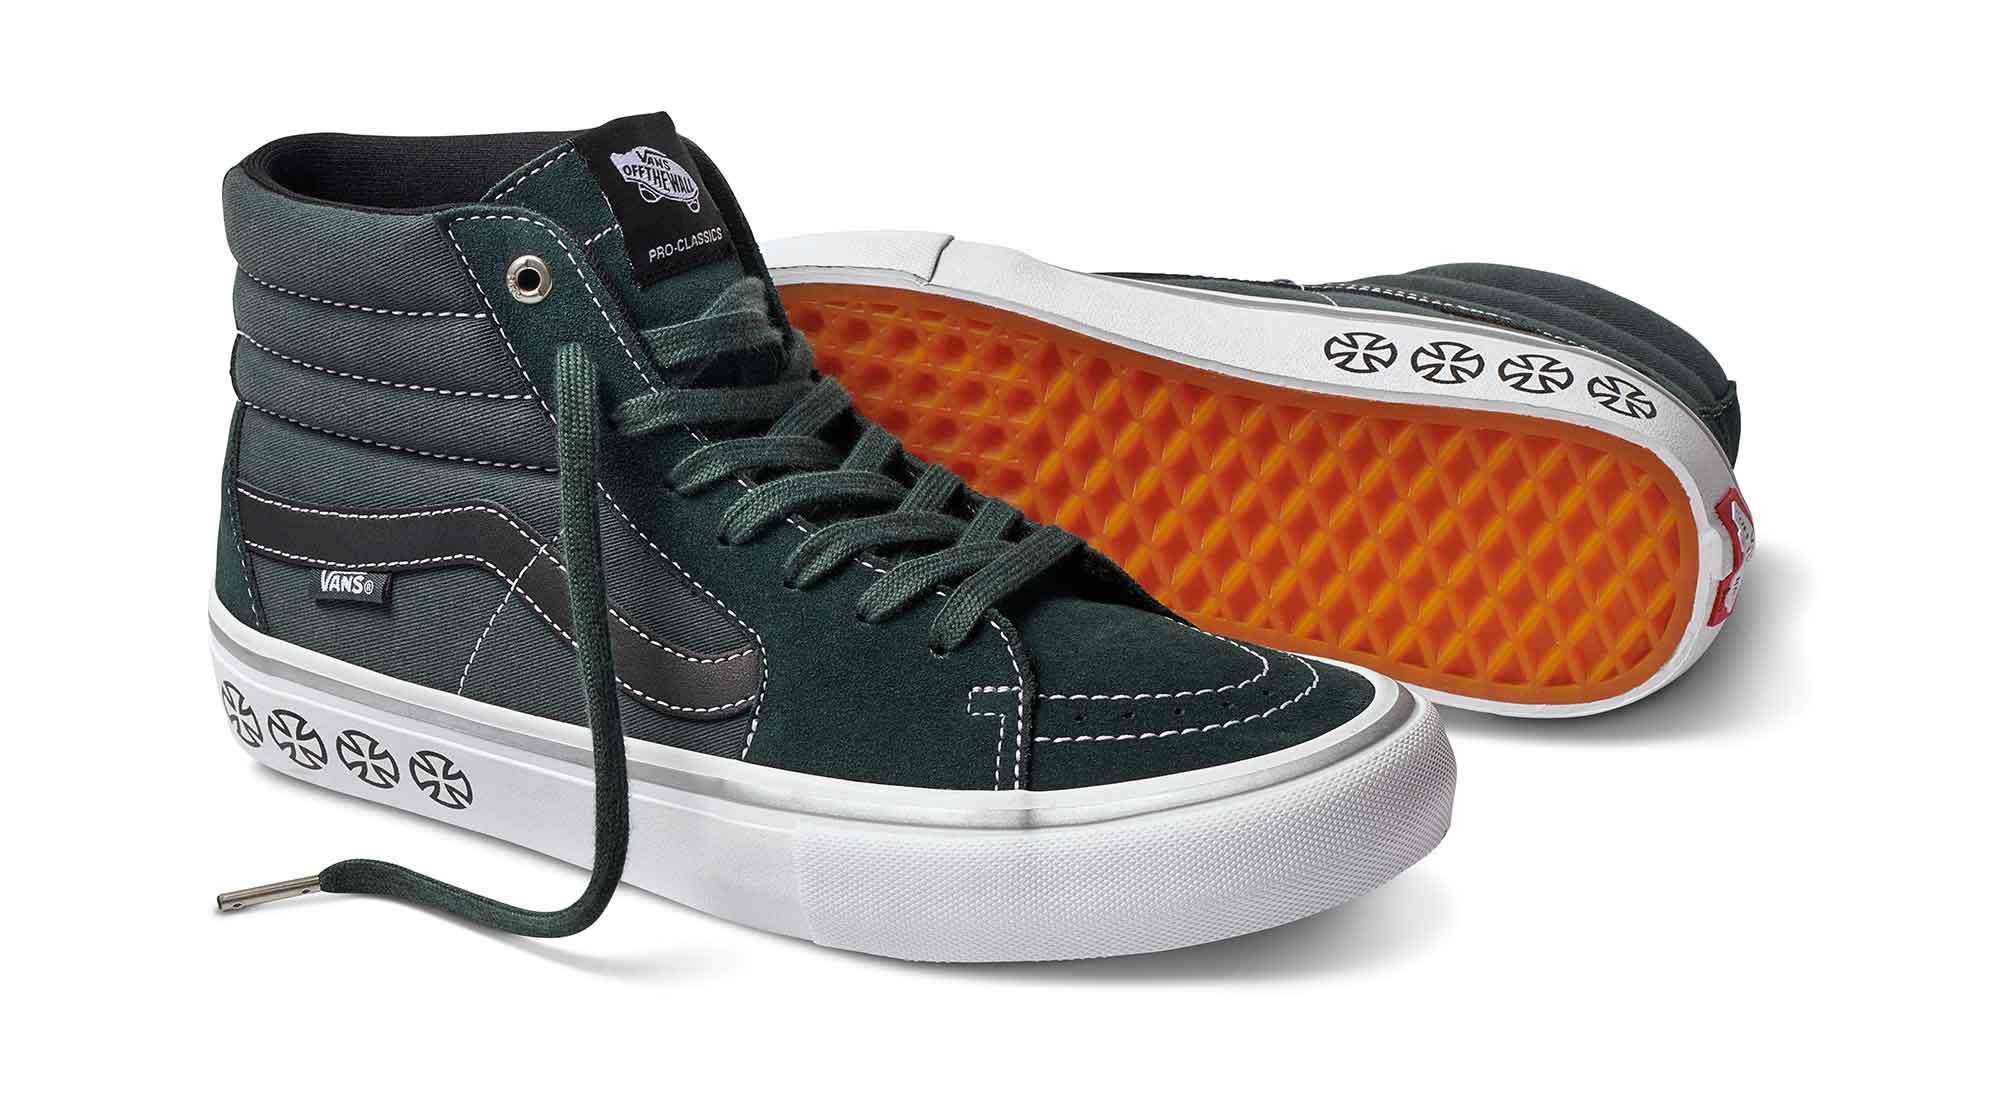 vans independent - Tienda Online de Zapatos, Ropa y Complementos ...